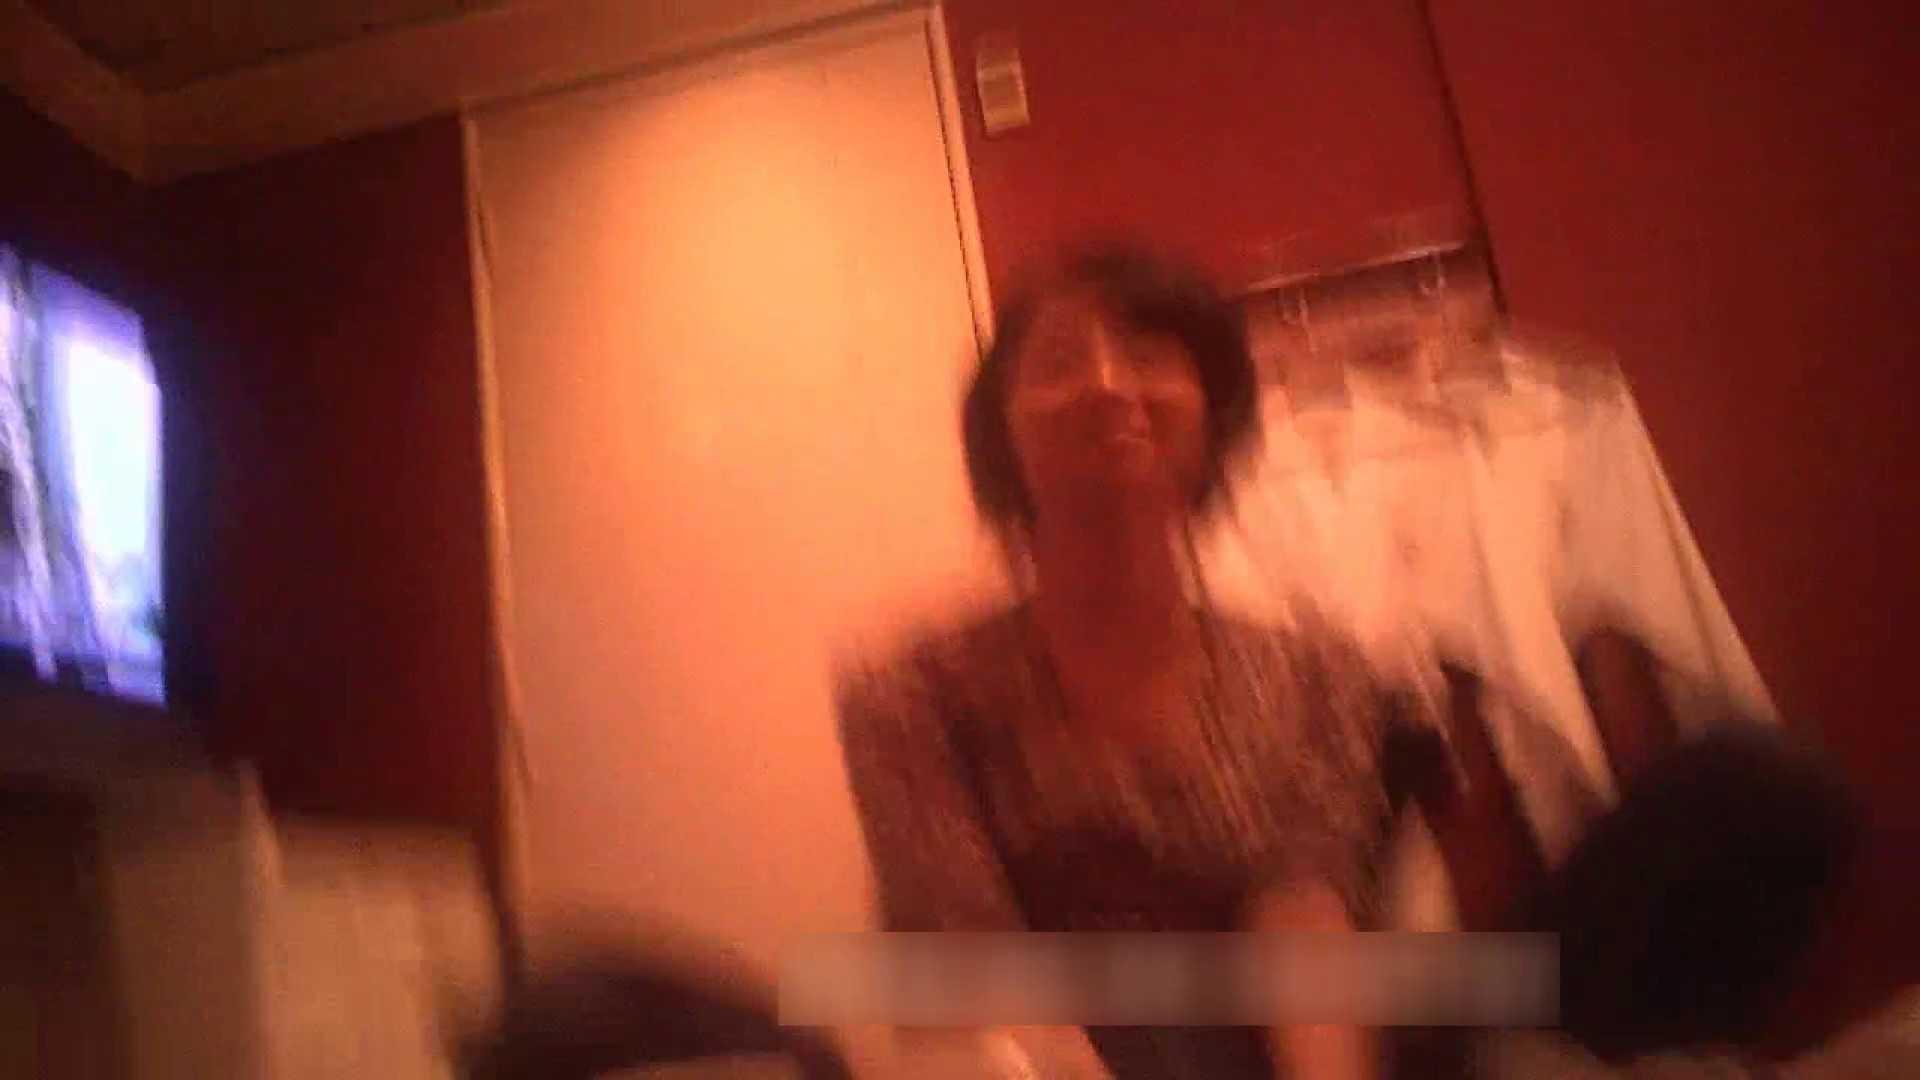 榮倉奈々 似!!激カワ ときめきチャン Vol.34 脱衣編 盛合せ おまんこ動画流出 95枚 4